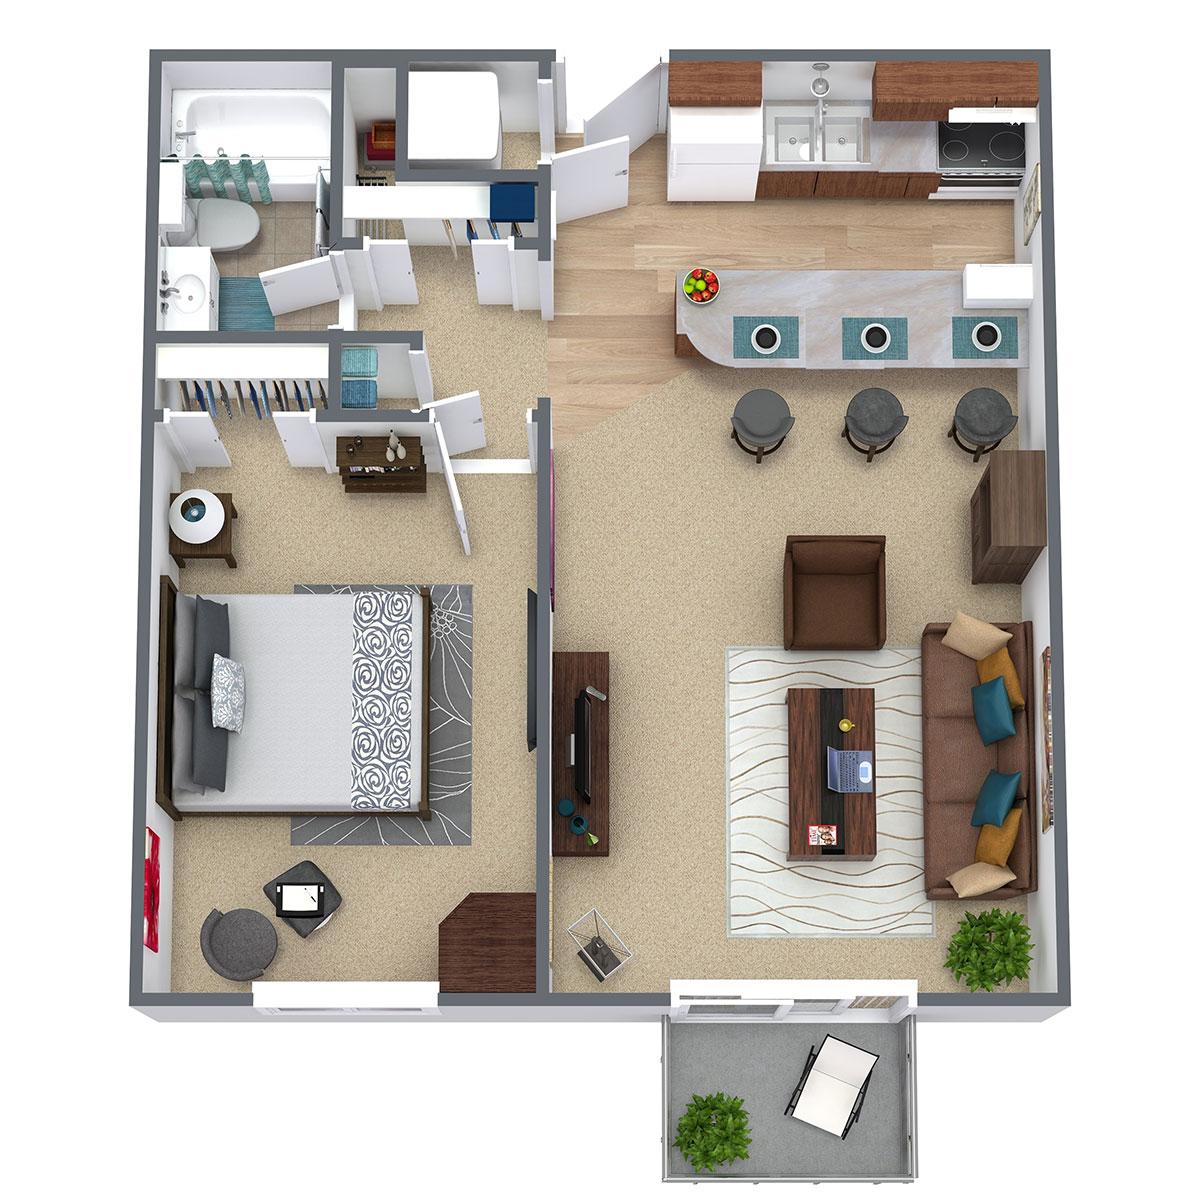 Pinehill Park - Floorplan - 1 Bedroom - Breakfast Bar / 1 Bath